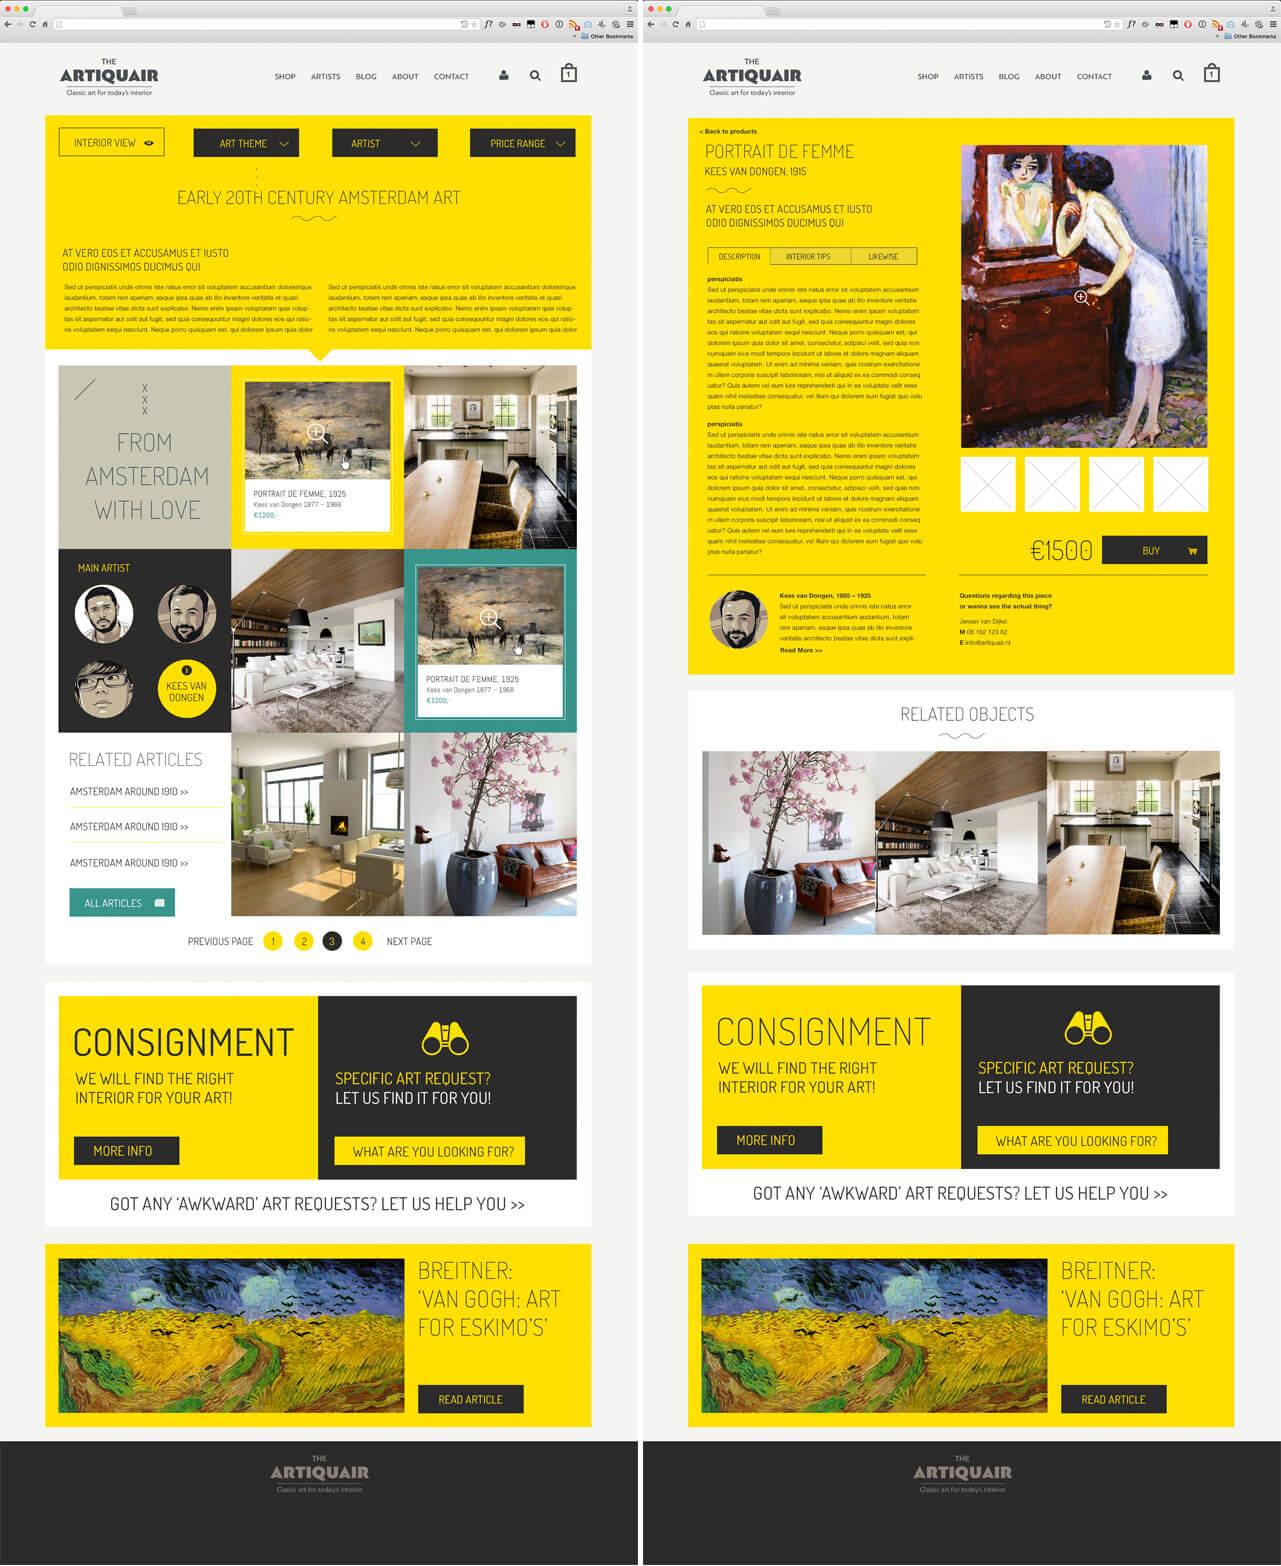 website webshop artiquair klassieke kunst in een hedendaags interieur